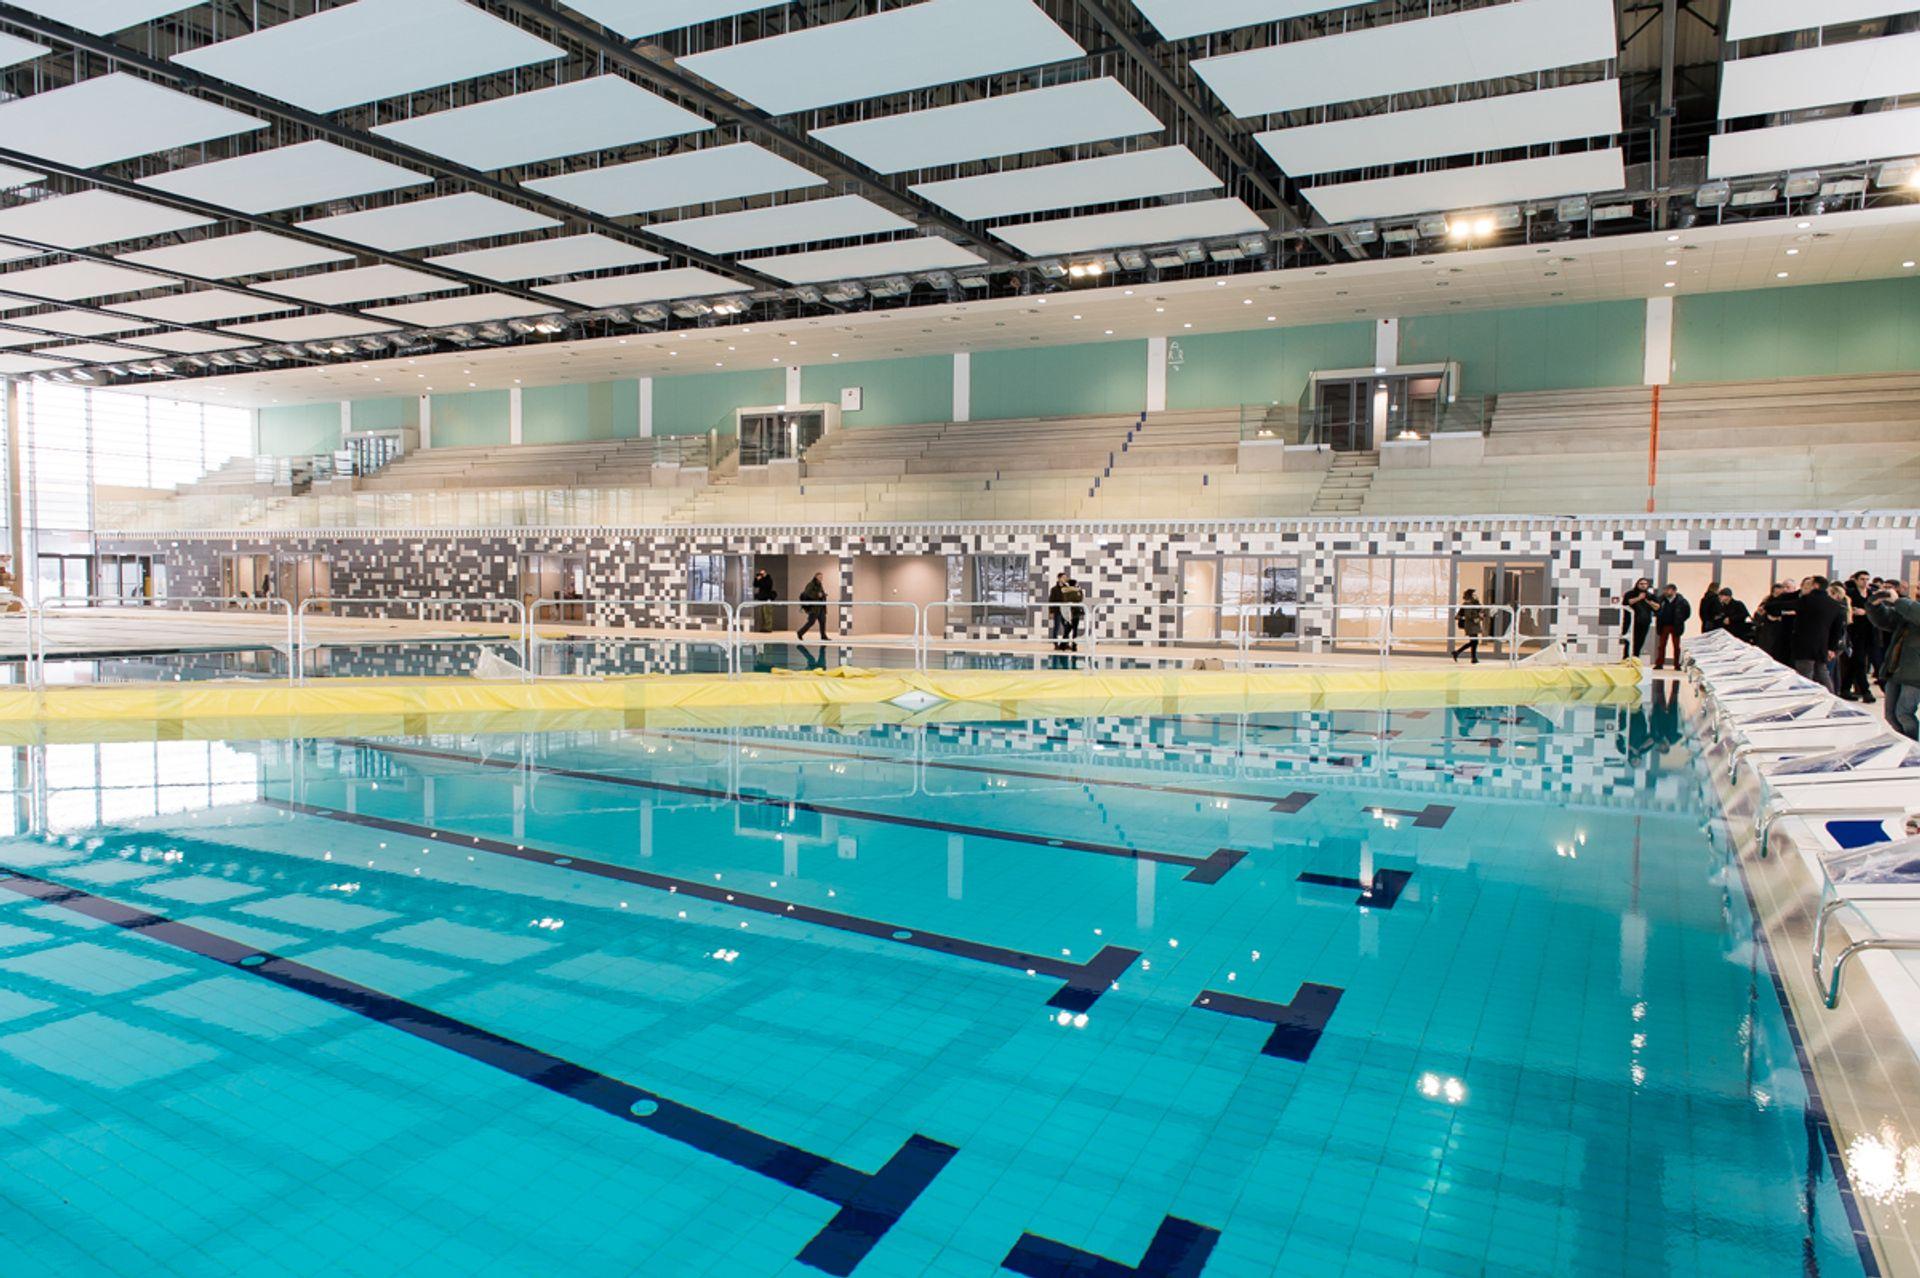 [Wrocław] W sobotę otwarcie nowej pływalni. Zmodernizowano też odkryte baseny [FOTO]